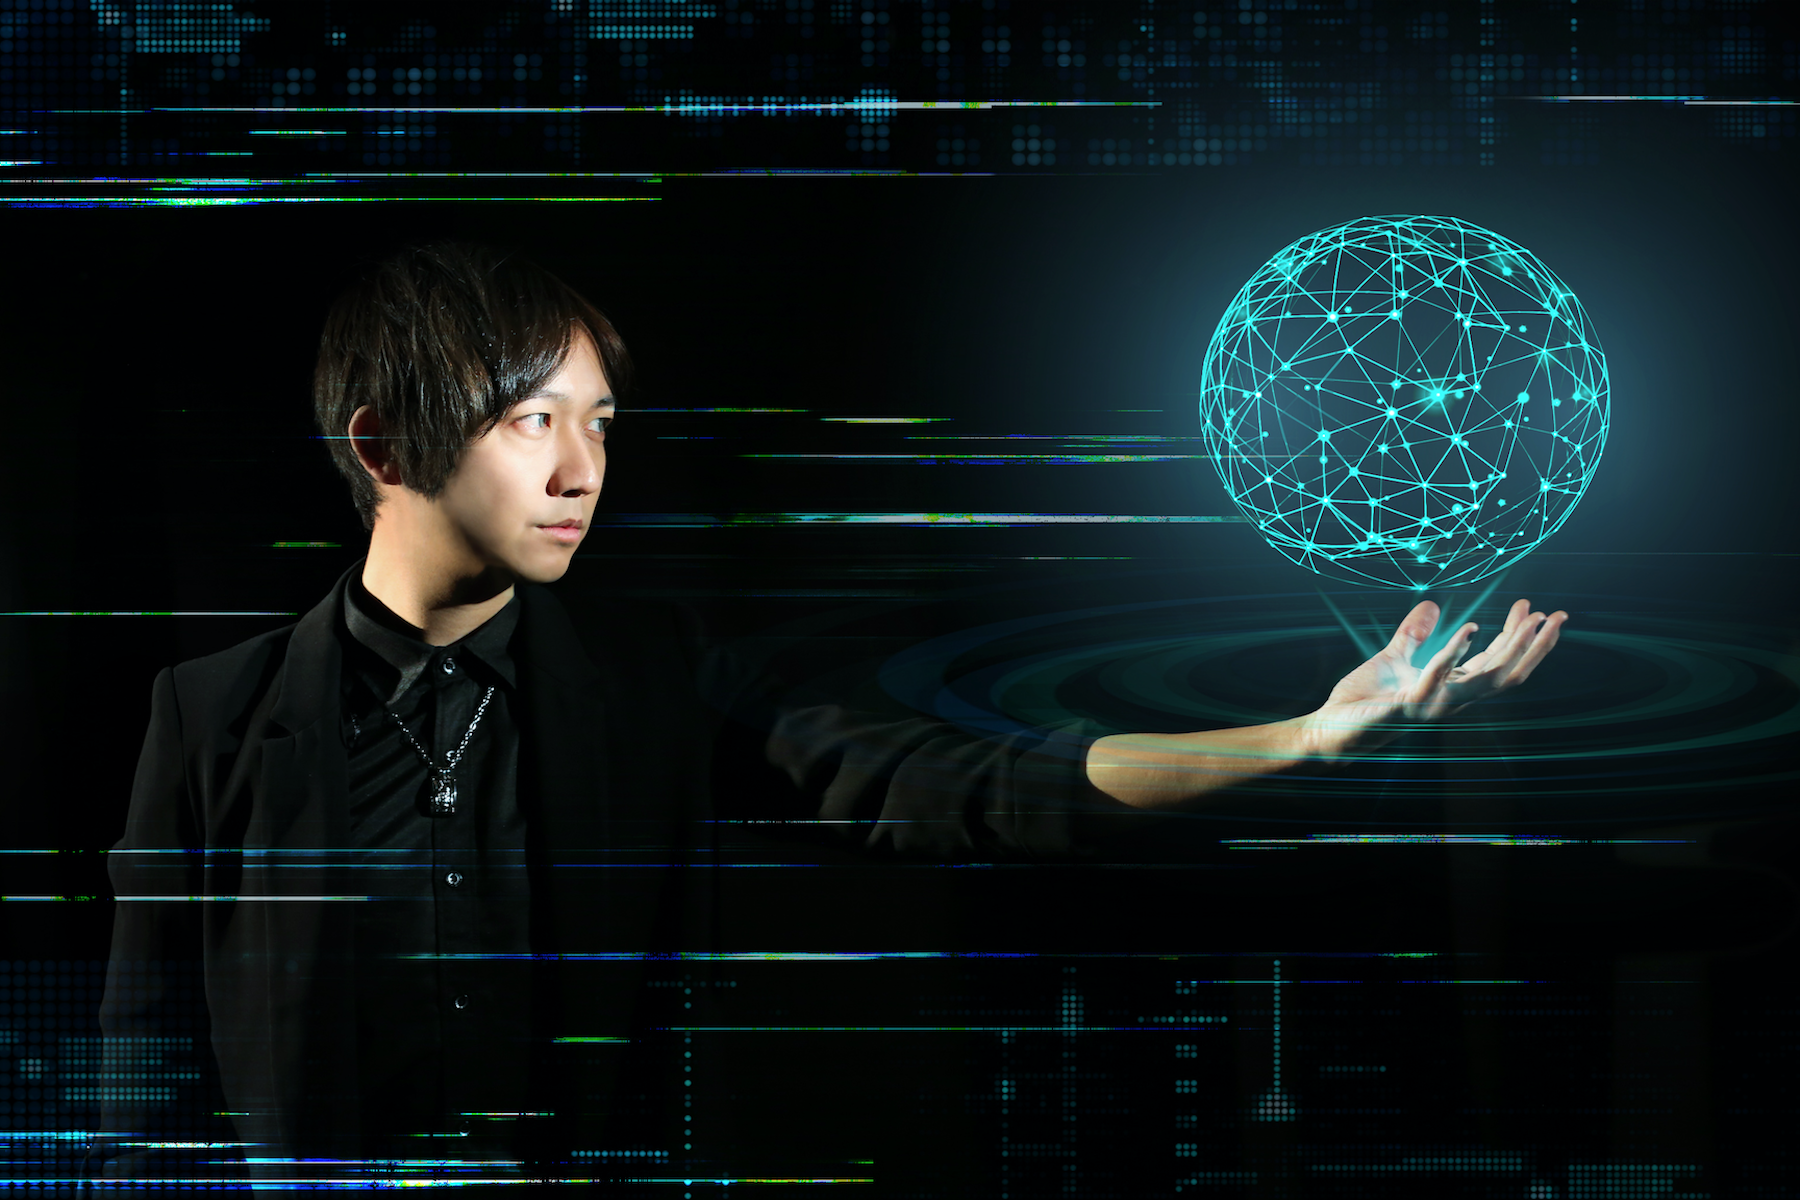 【タキザワユキヒト】渋谷O-WEST ワンマン映像化キャンペーン!